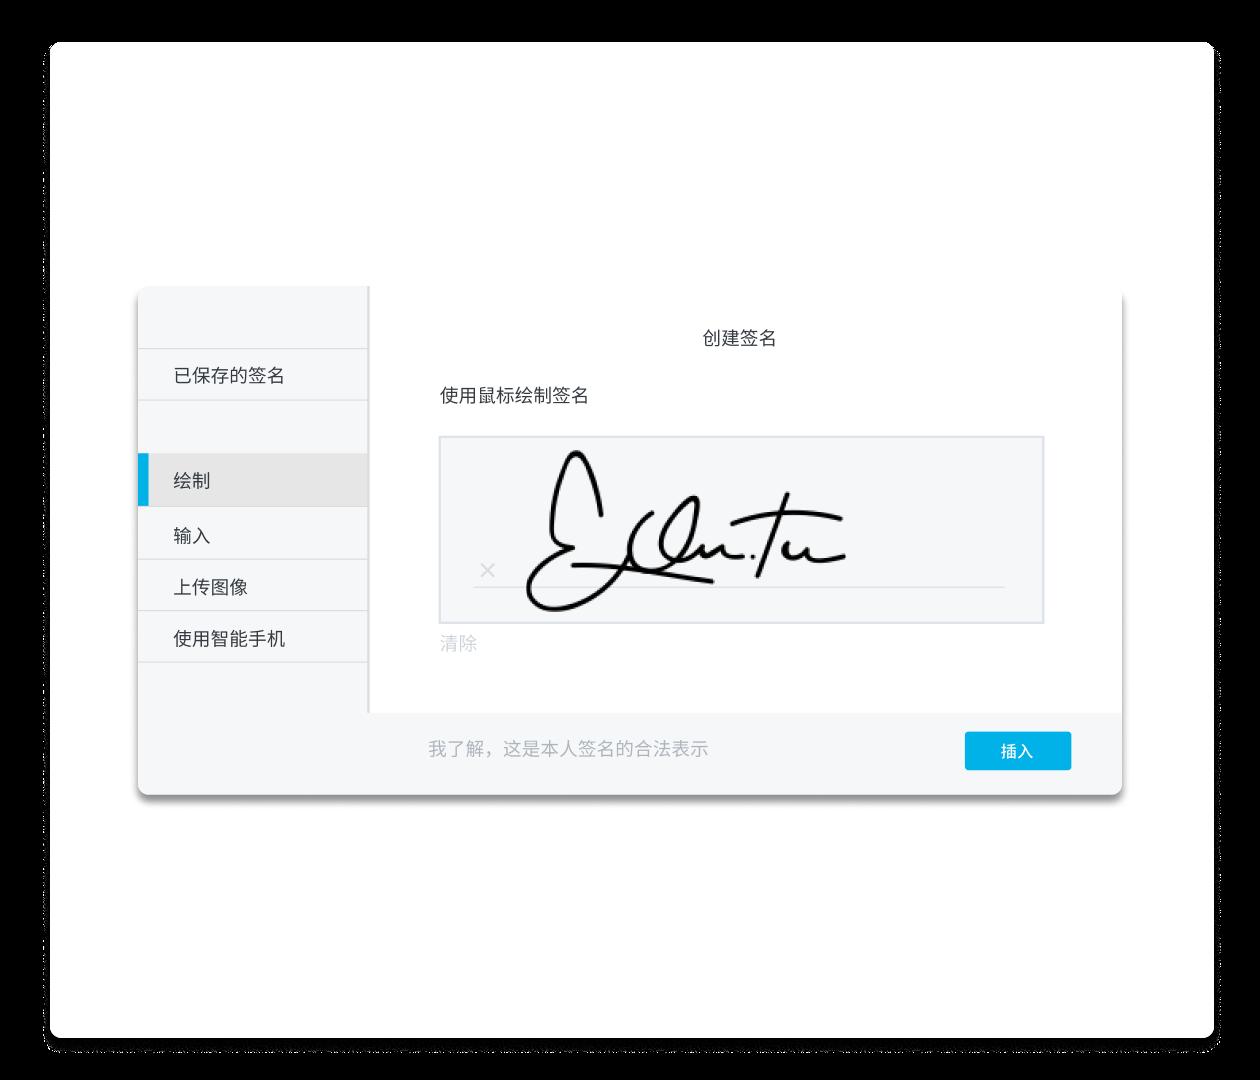 屏幕截图:HelloSign 创建签名体验